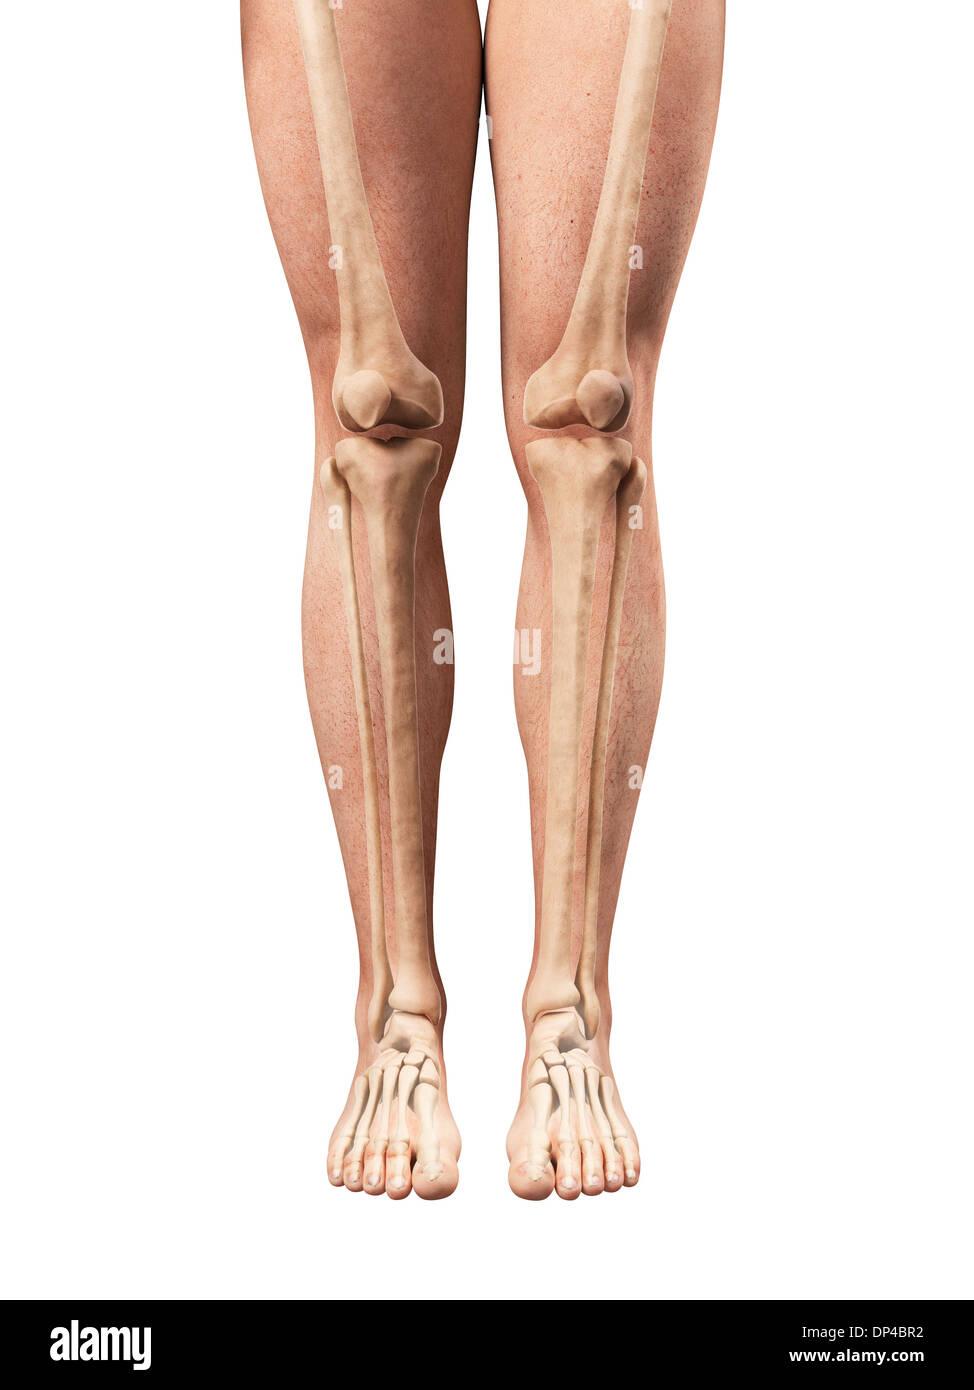 Ziemlich Bein Menschliche Anatomie Bilder - Physiologie Von ...